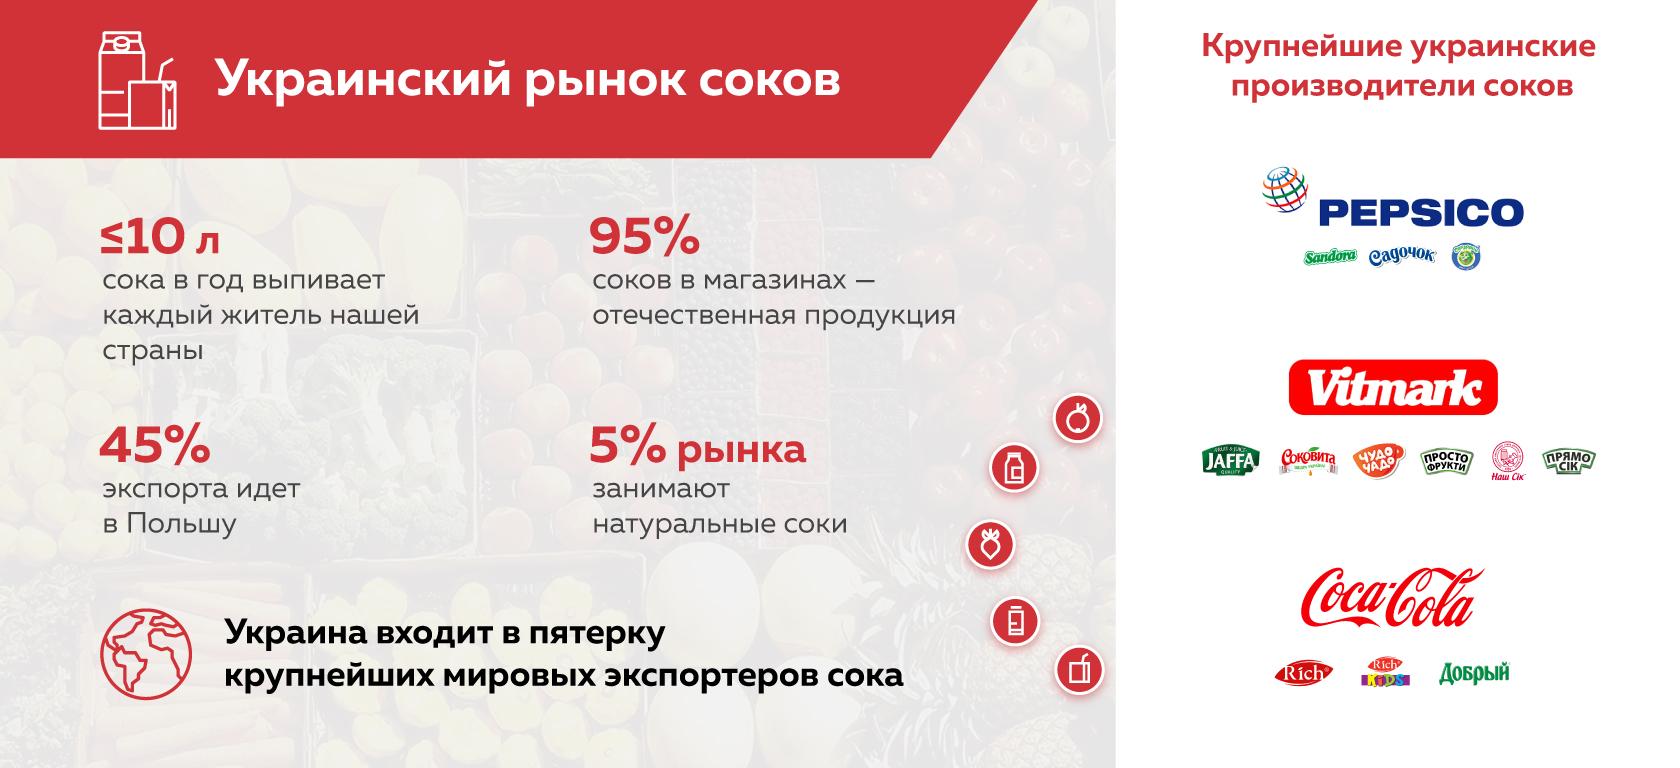 f306f5ff4e9 Акцент стараются сделать лишь на бюджетном сегменте. Тем не менее в Украине  есть несколько производителей качественных натуральных соков прямого отжима.